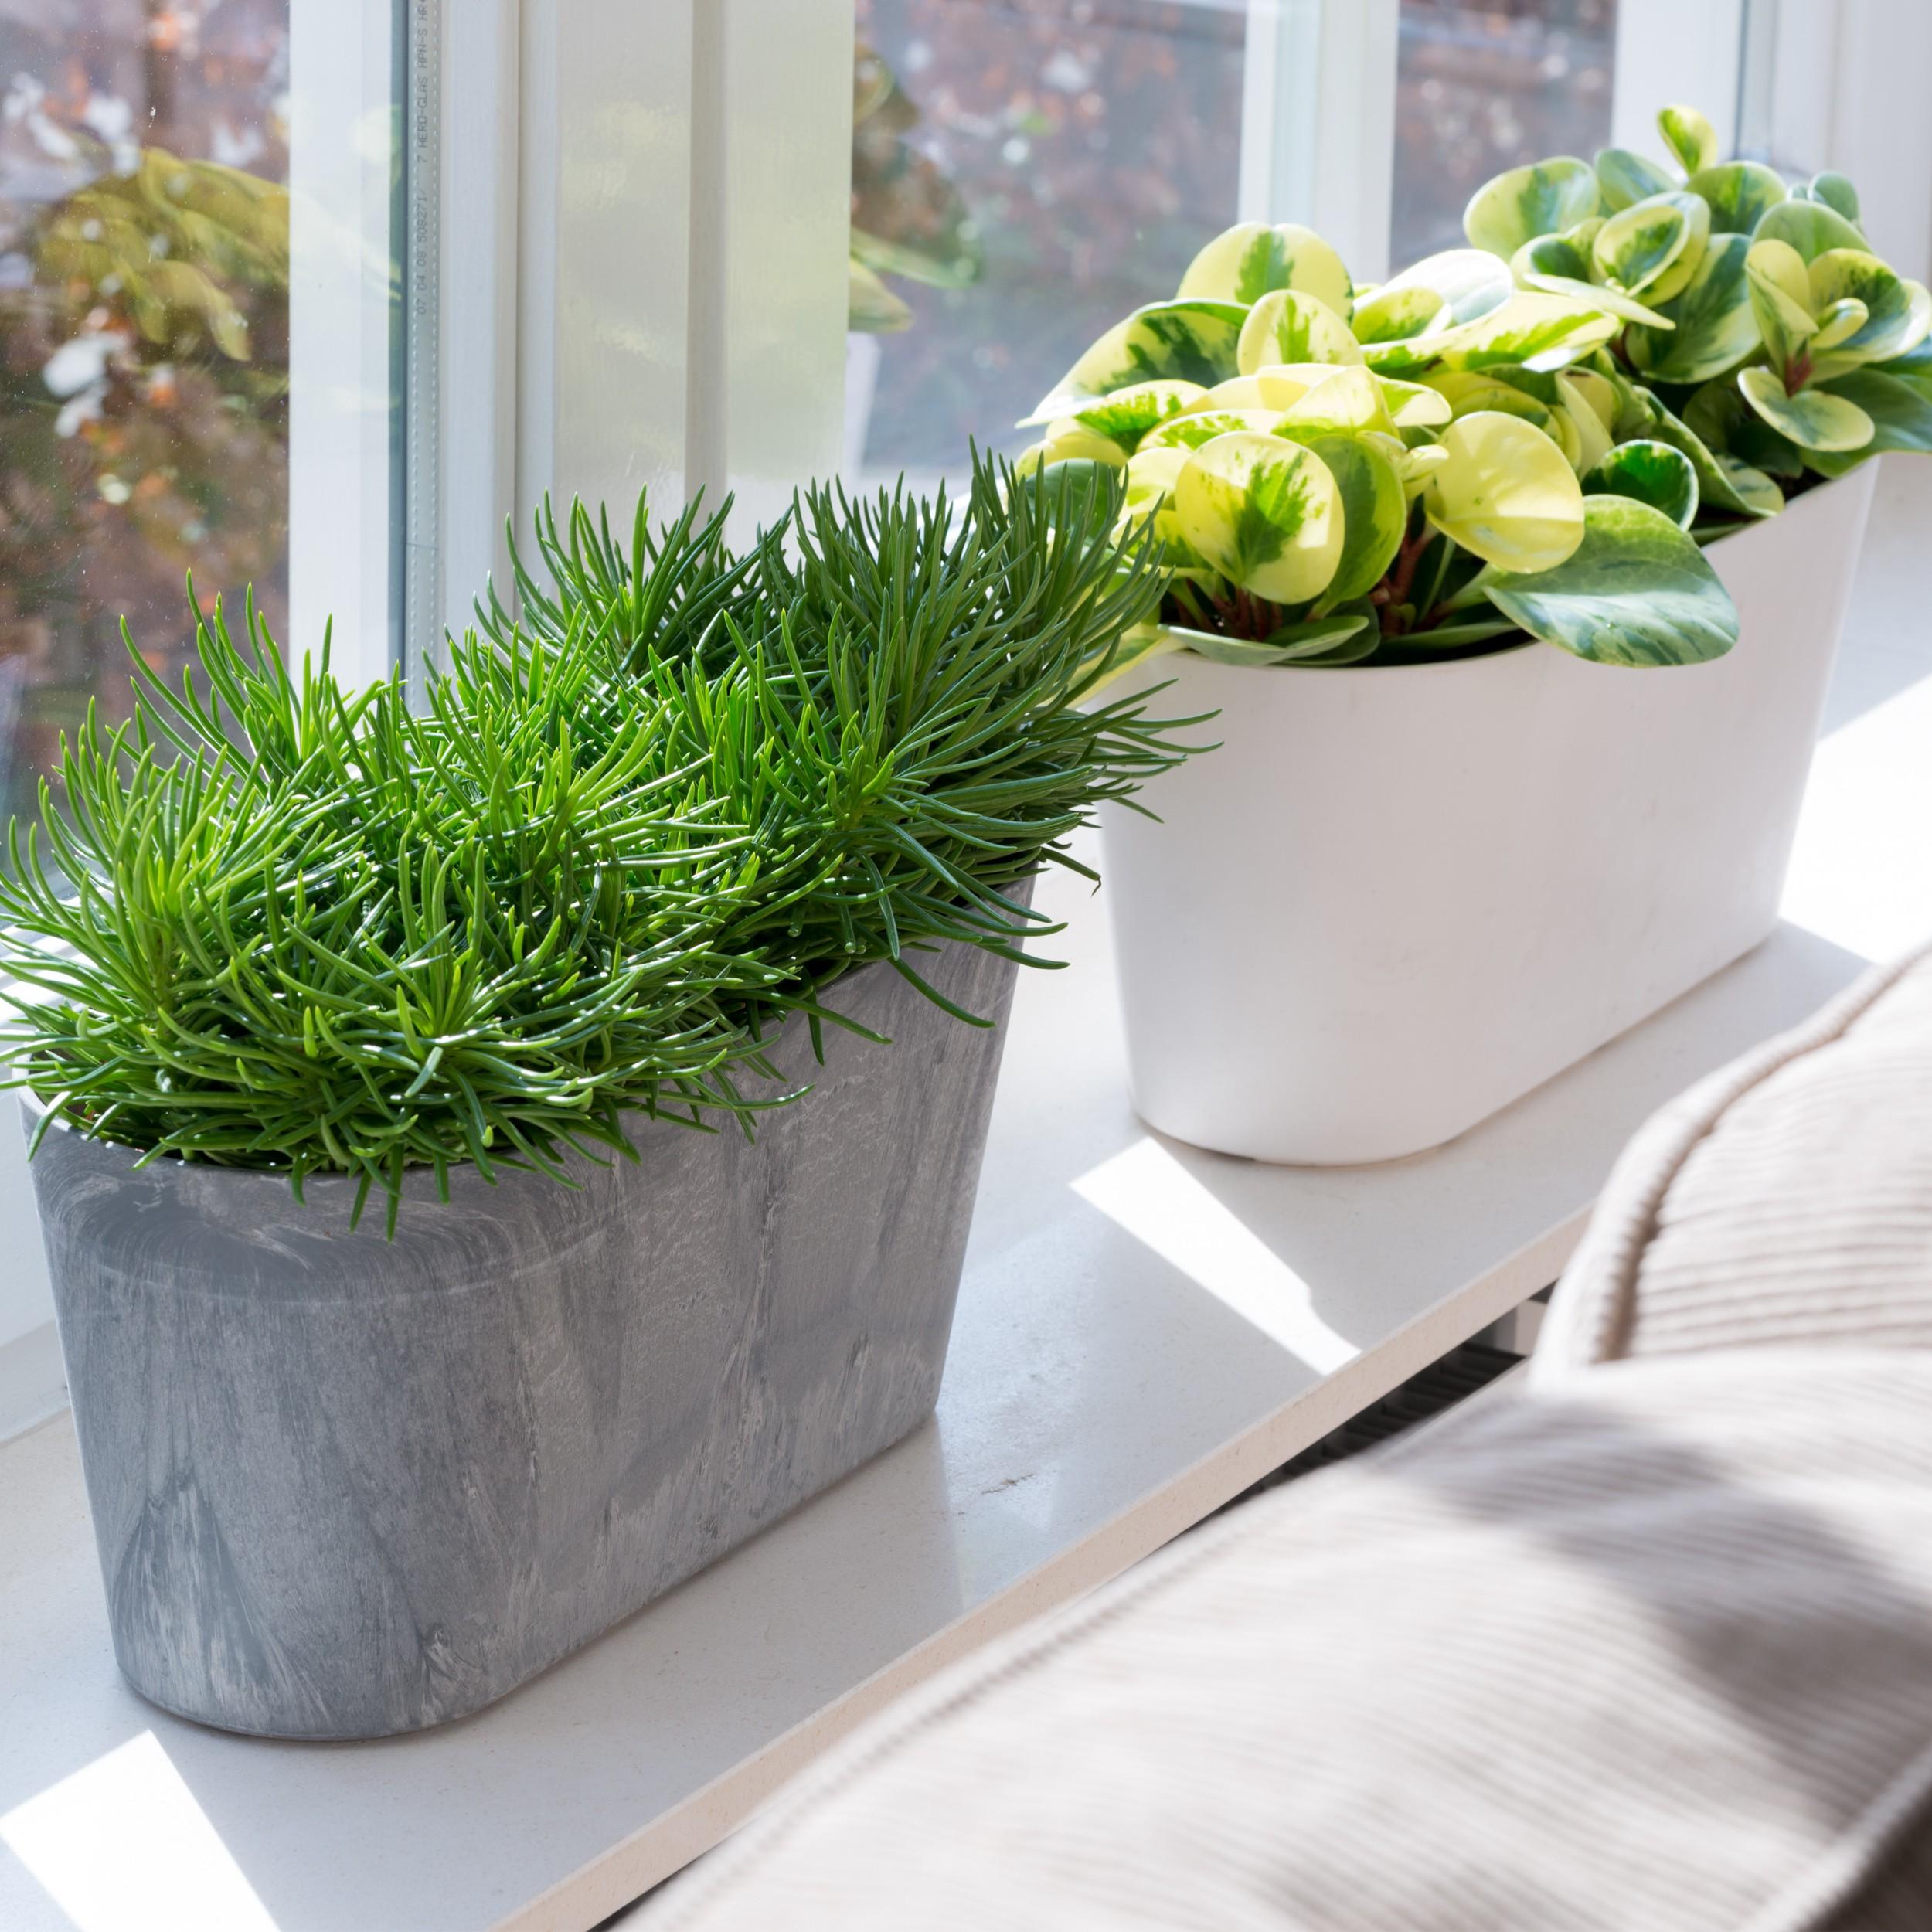 artstone balkonkasten claire blumenkasten pflanzkasten. Black Bedroom Furniture Sets. Home Design Ideas